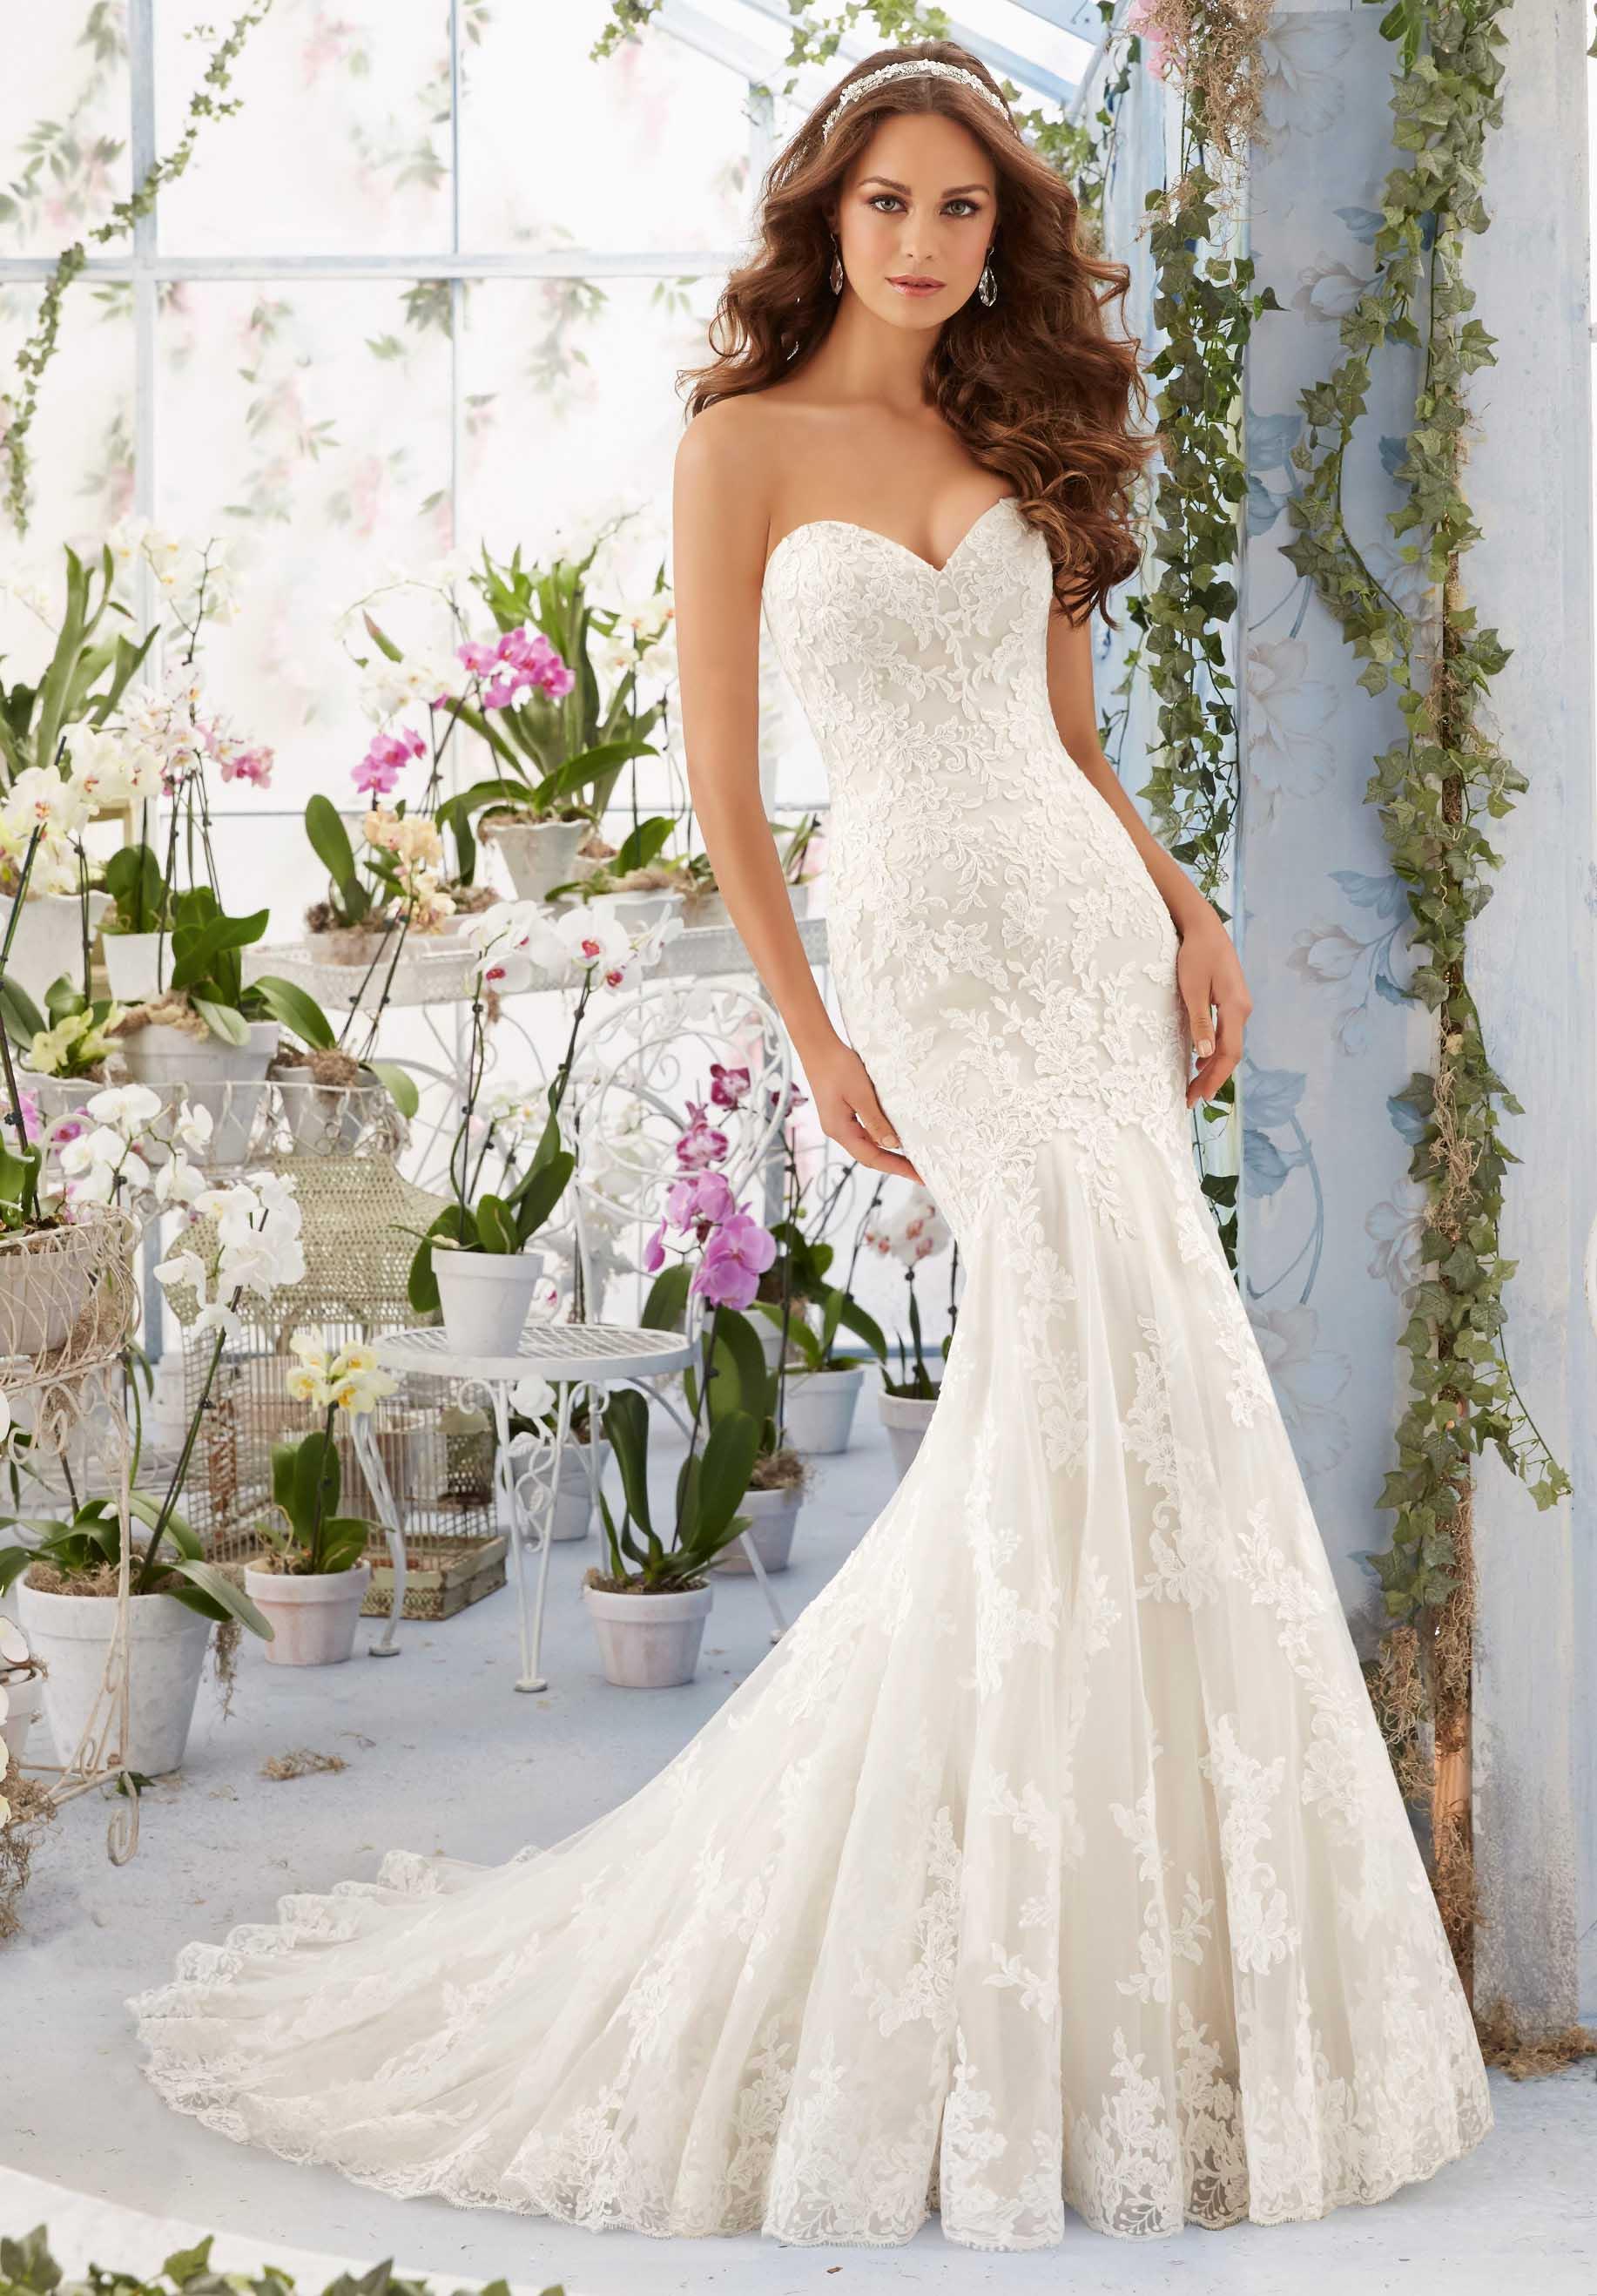 Mori Lee Women's Bridal Gown